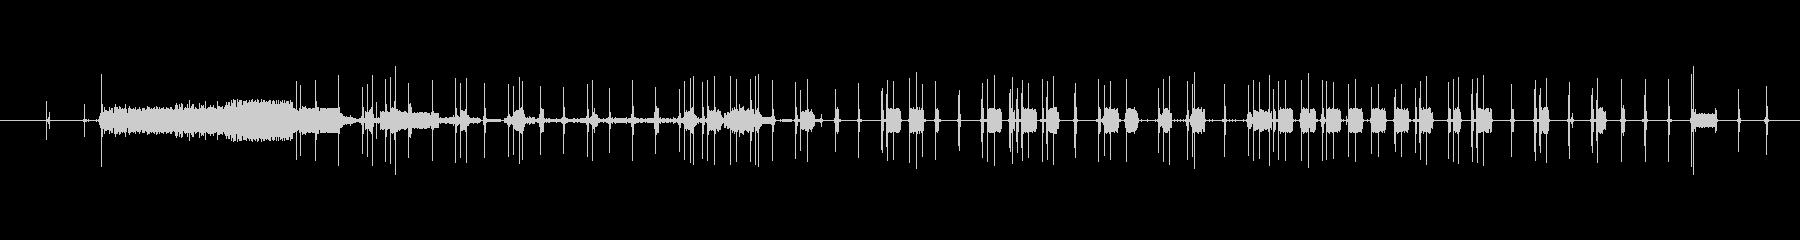 アナログな電子音でLOFIサウンドの未再生の波形